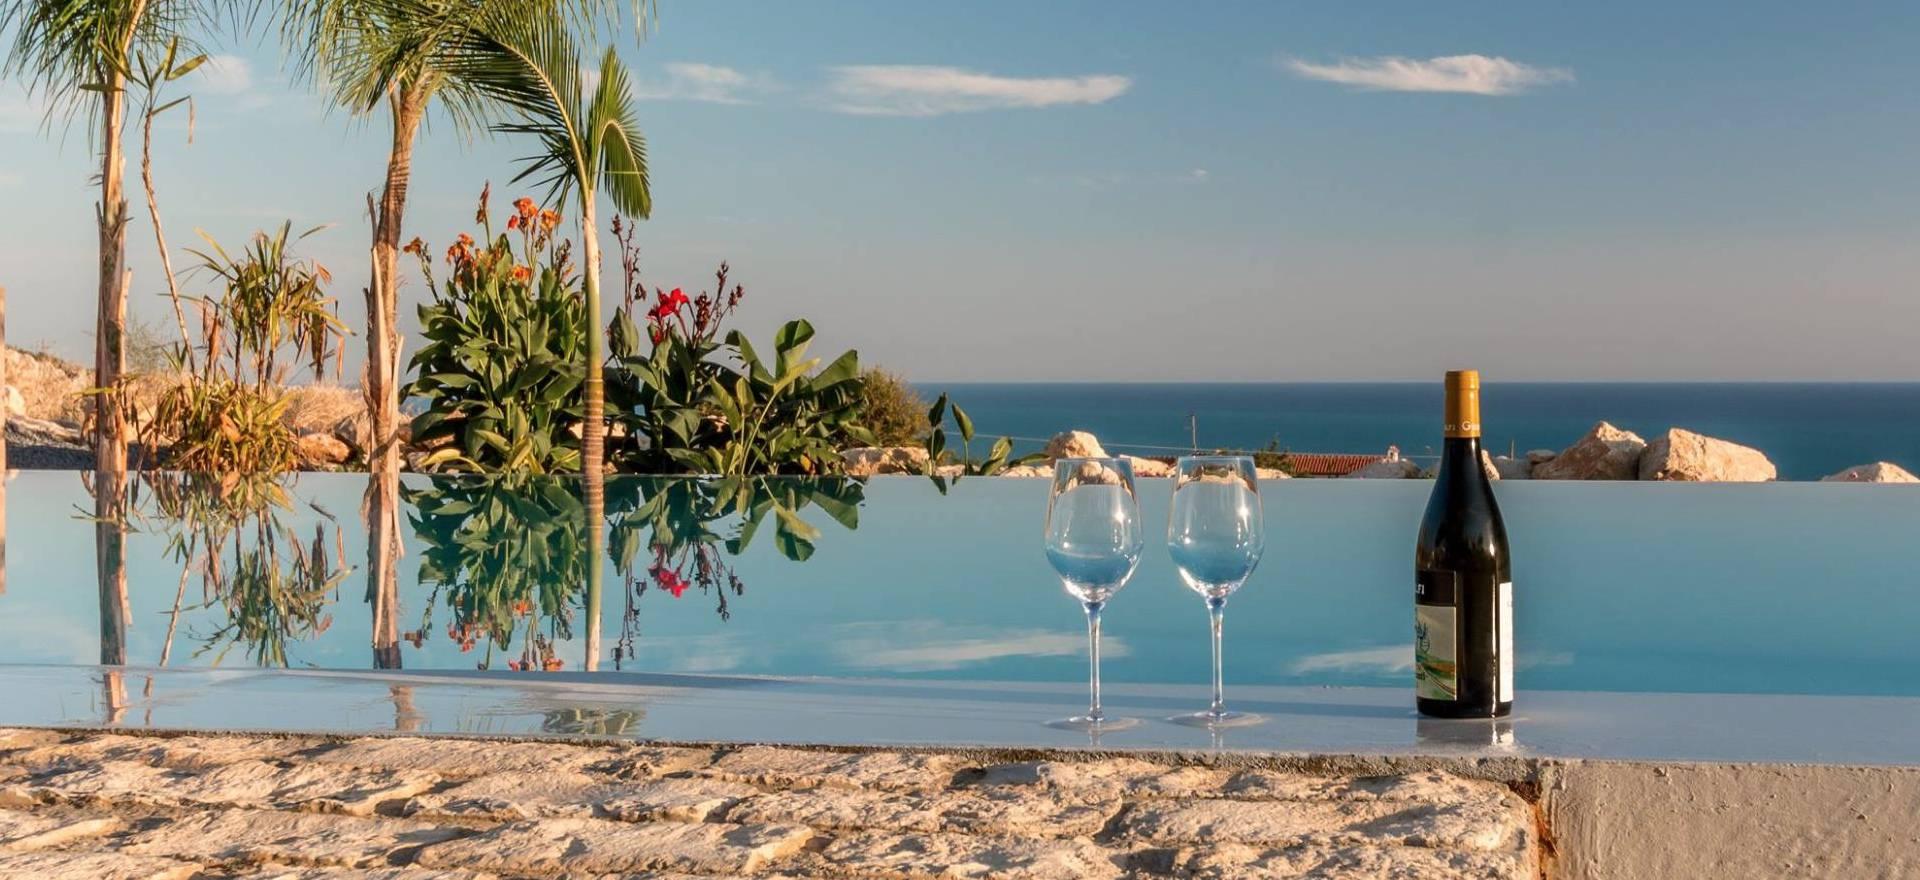 Agriturismo Sicilia Ottima ospitalità siciliana e vista sul mare!